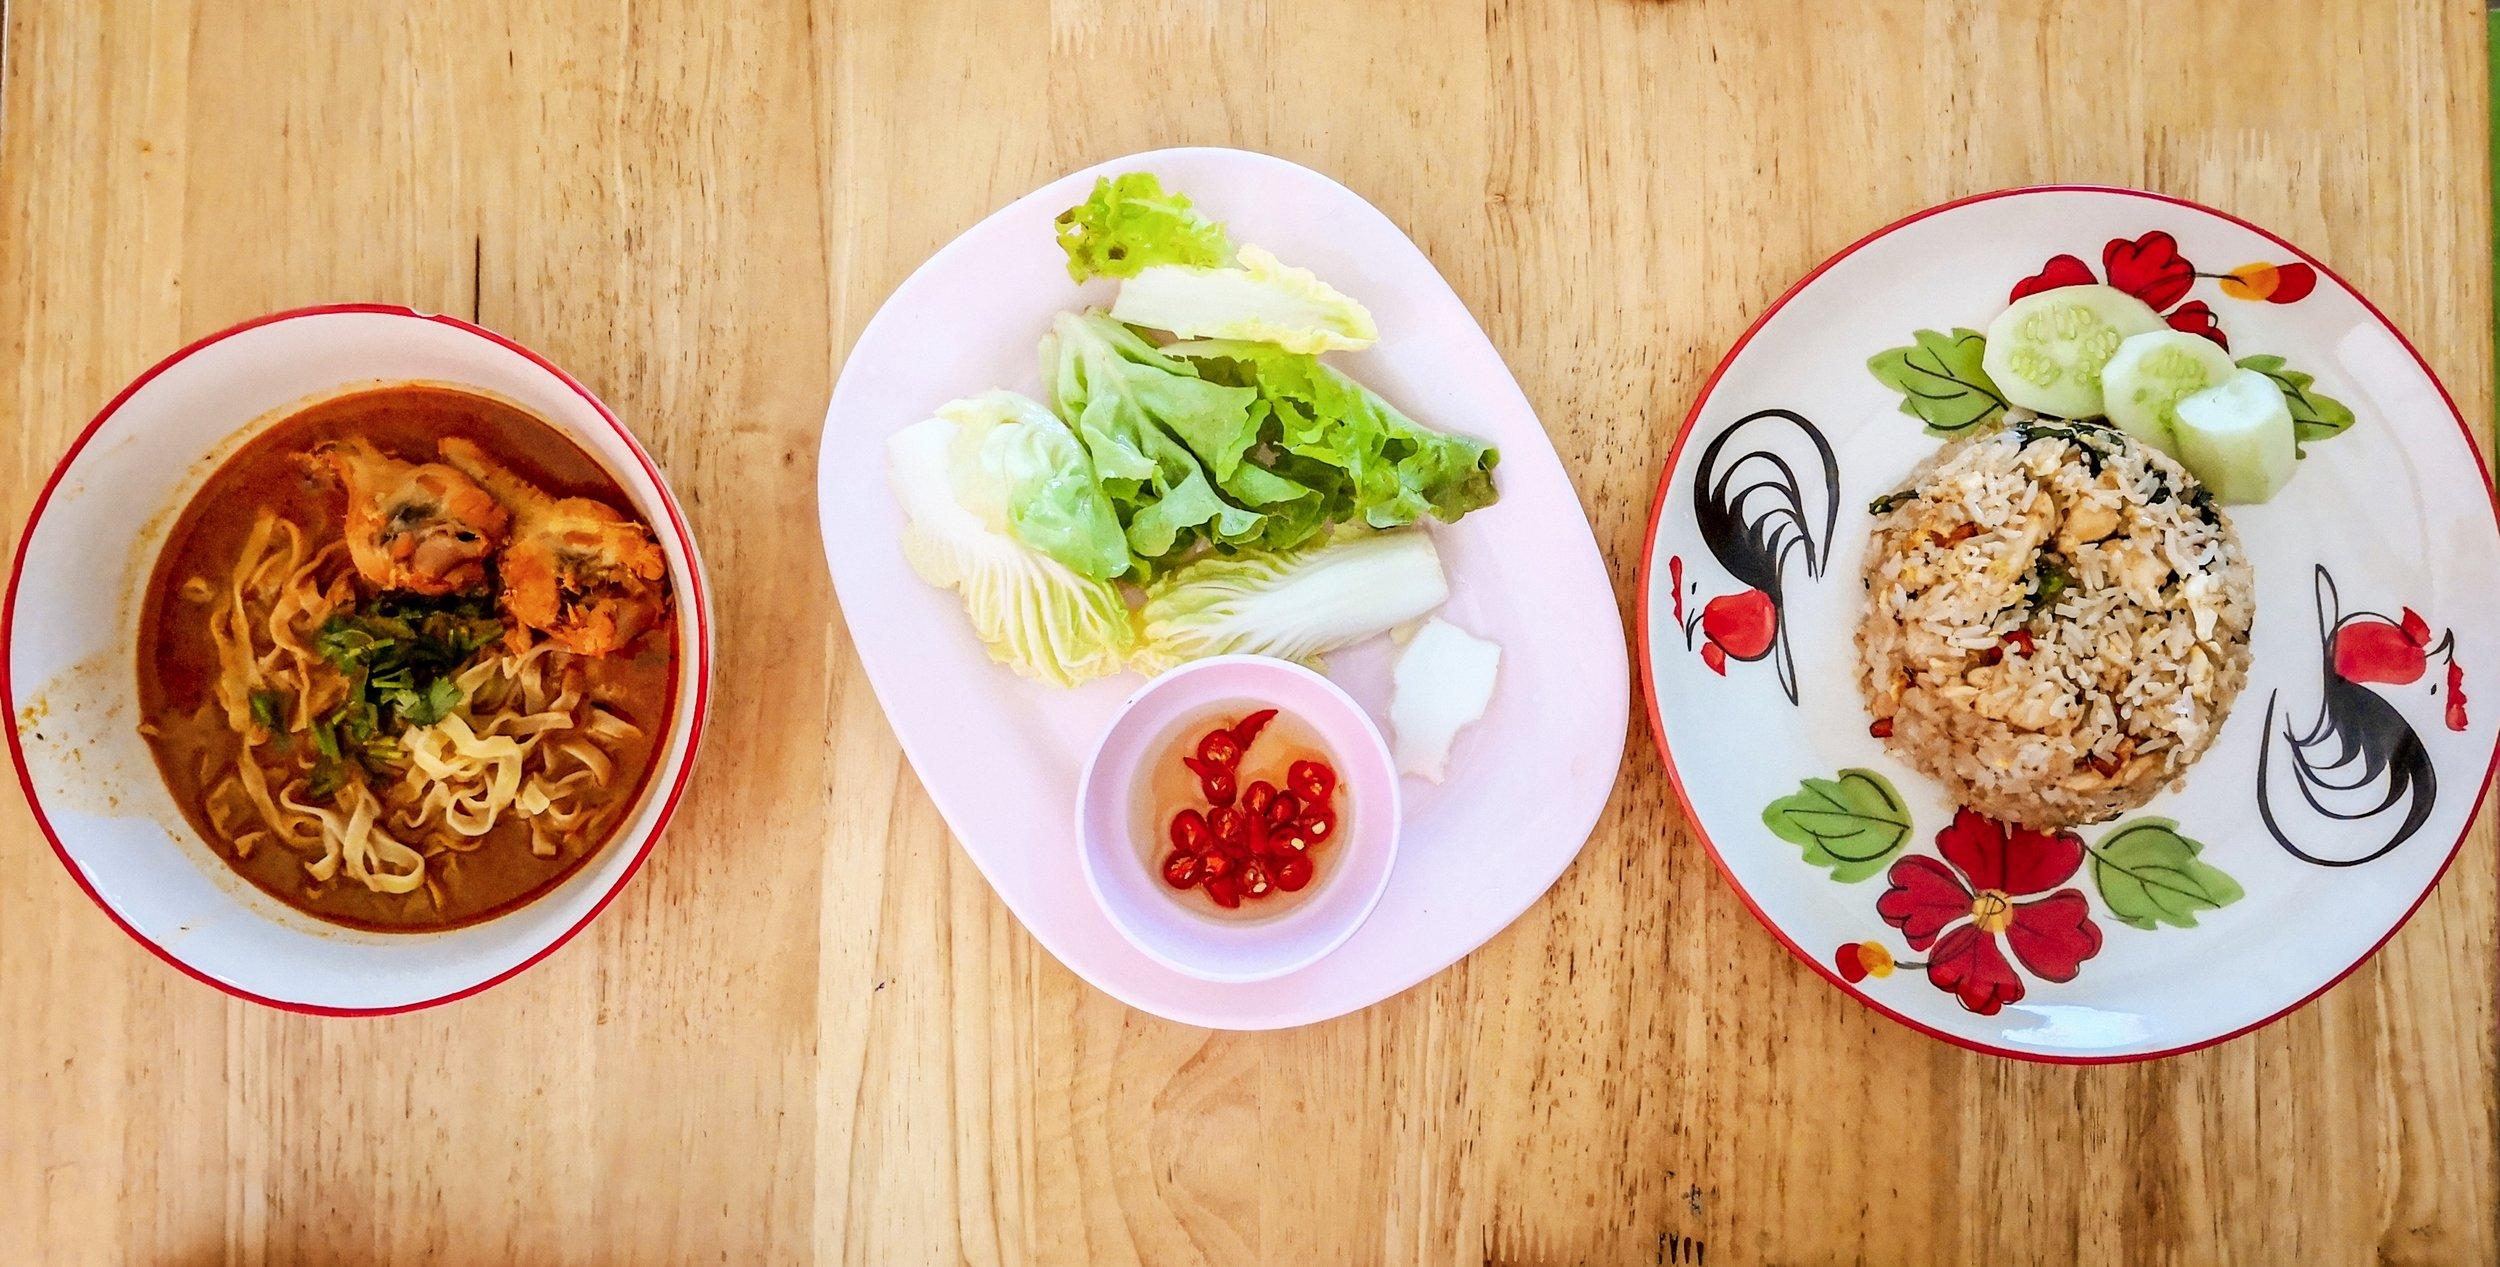 Khao Soi balra és húsos piríott rizs jobbra